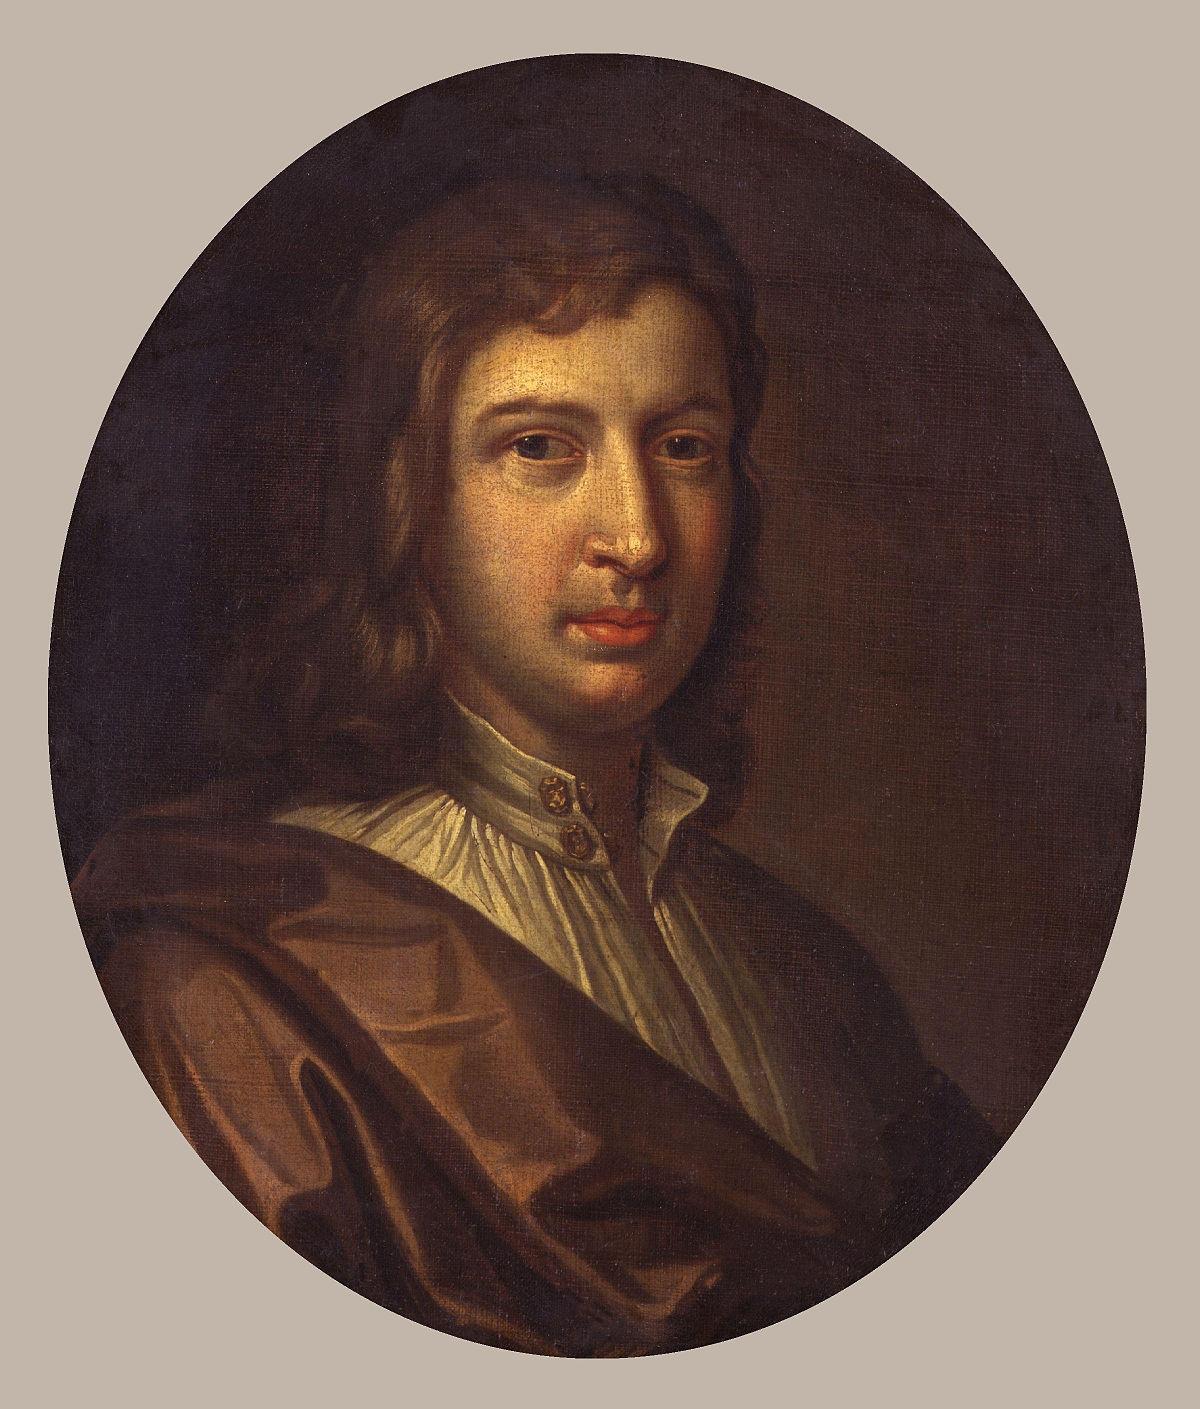 9781278379609 - The Poetical Works Of John Milton by John Milton